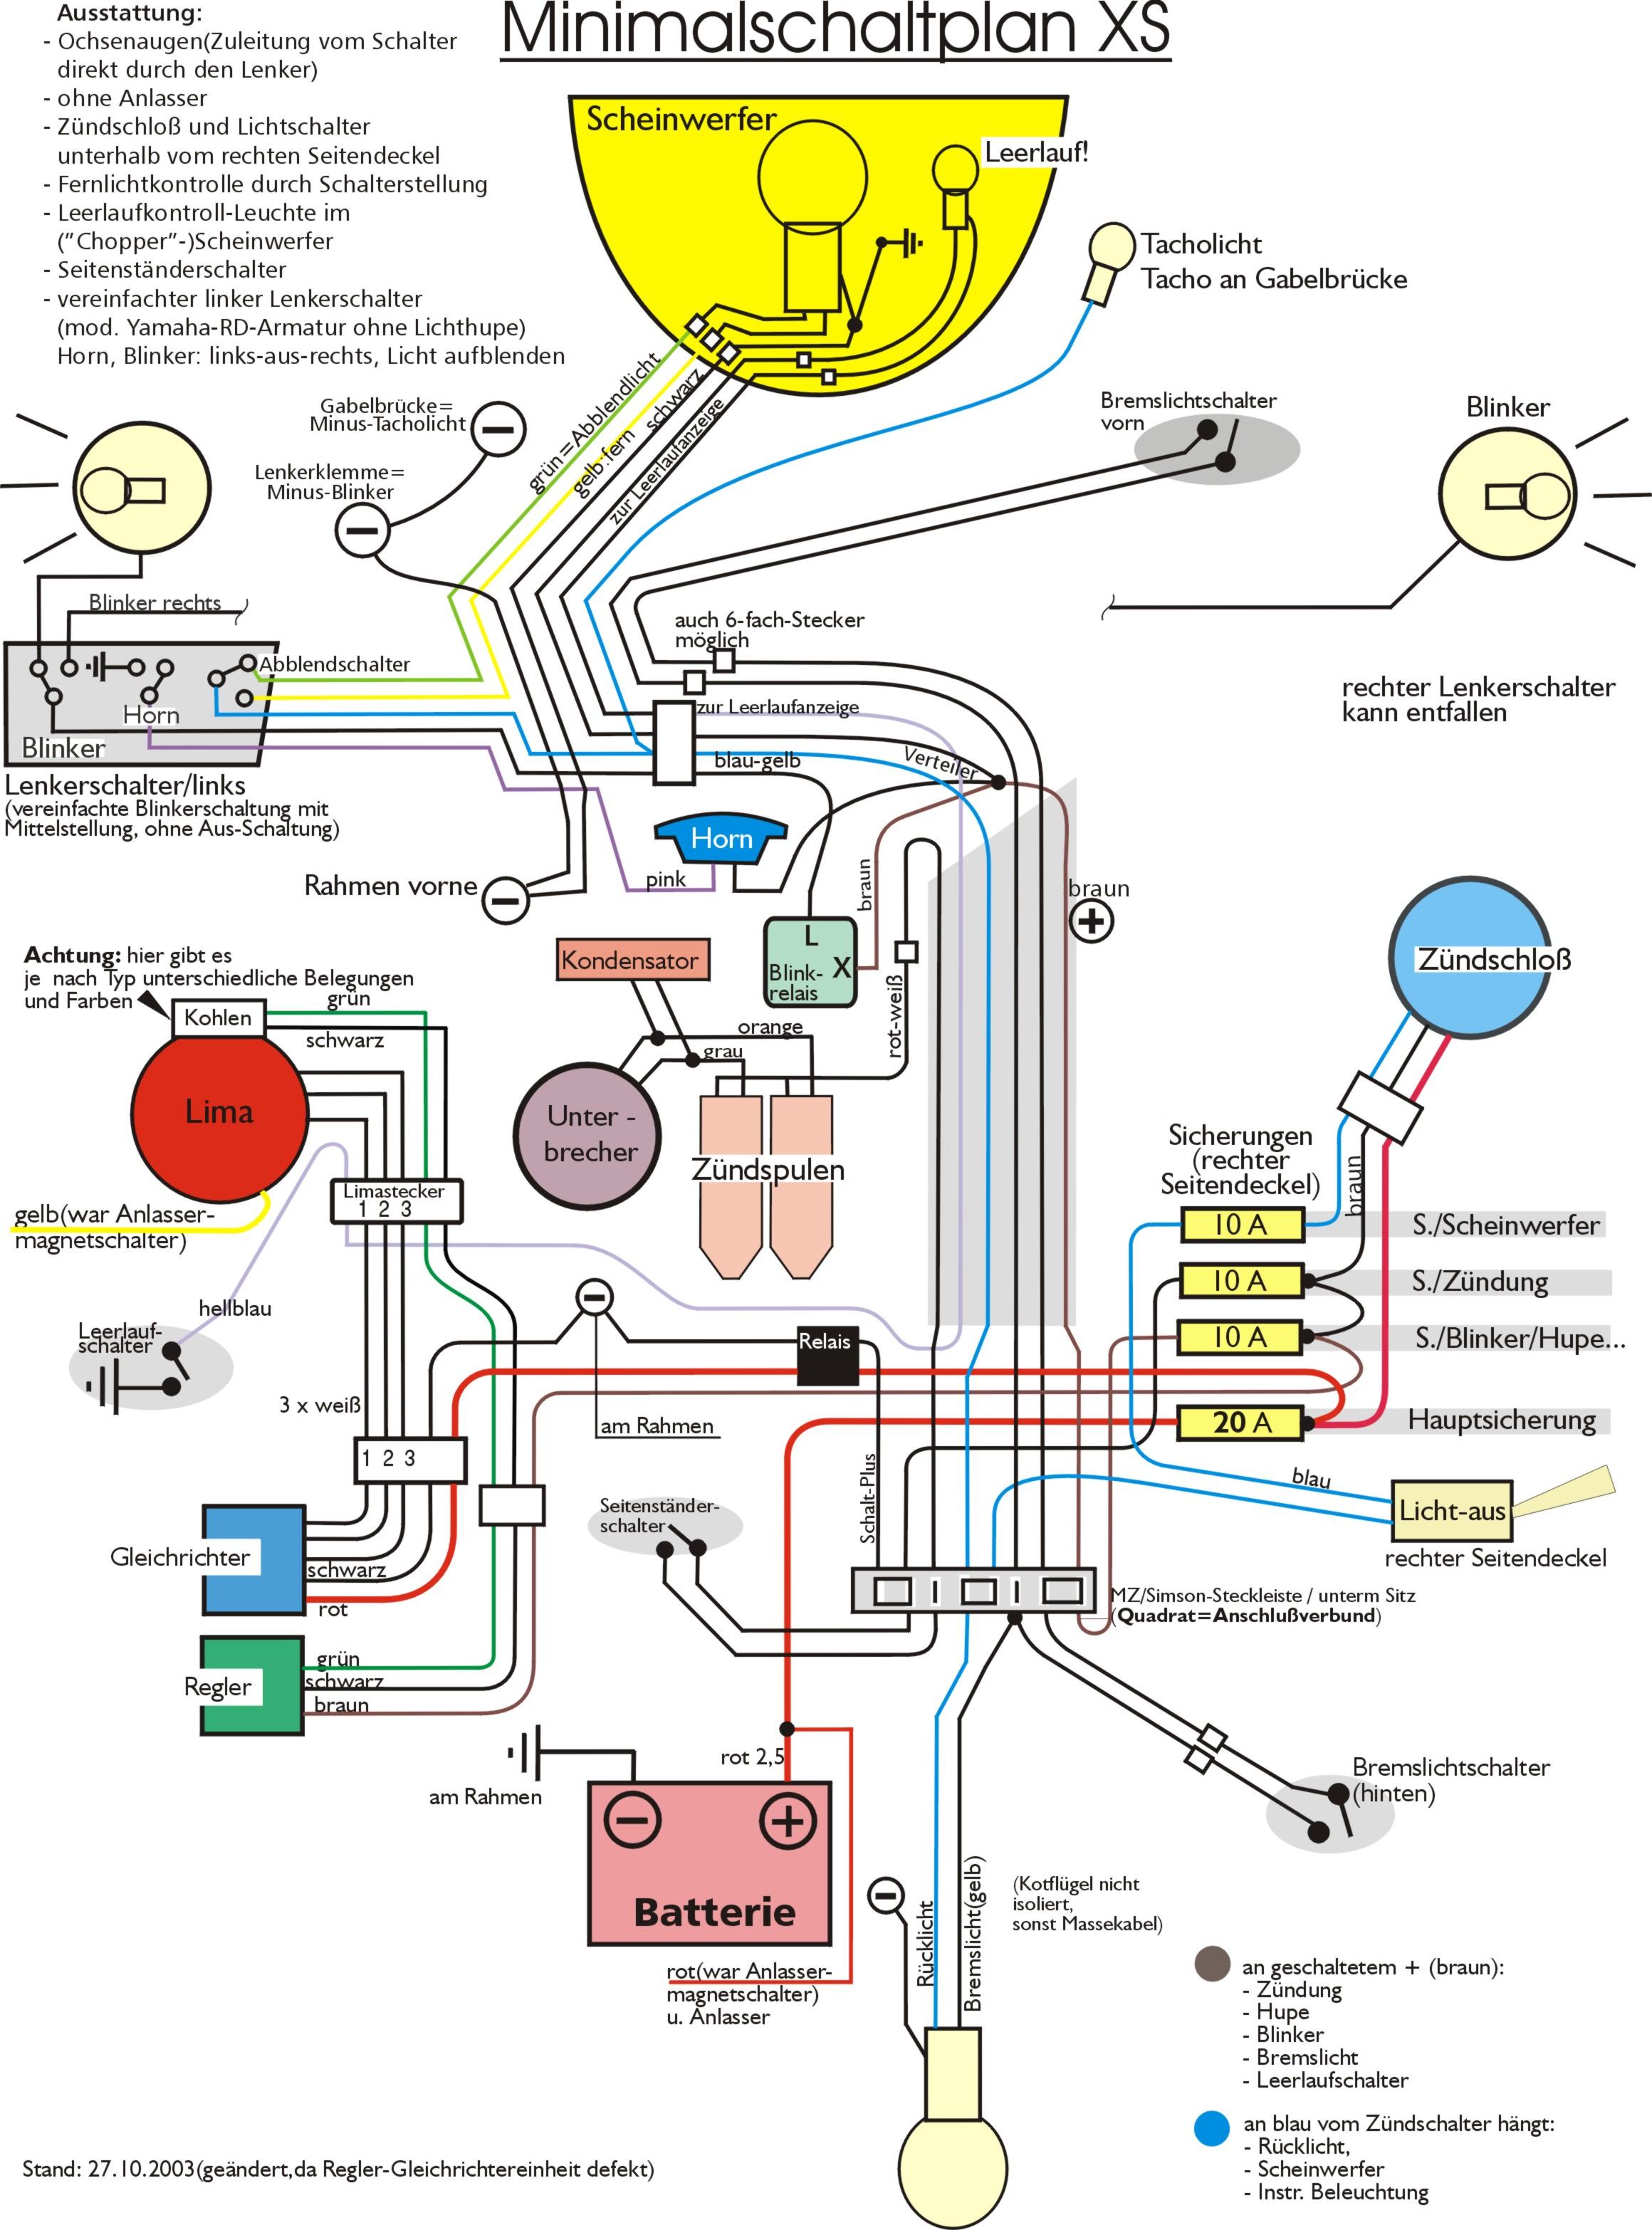 Ungewöhnlich Elektrischer Schaltplan Des Motorrades Bilder - Der ...